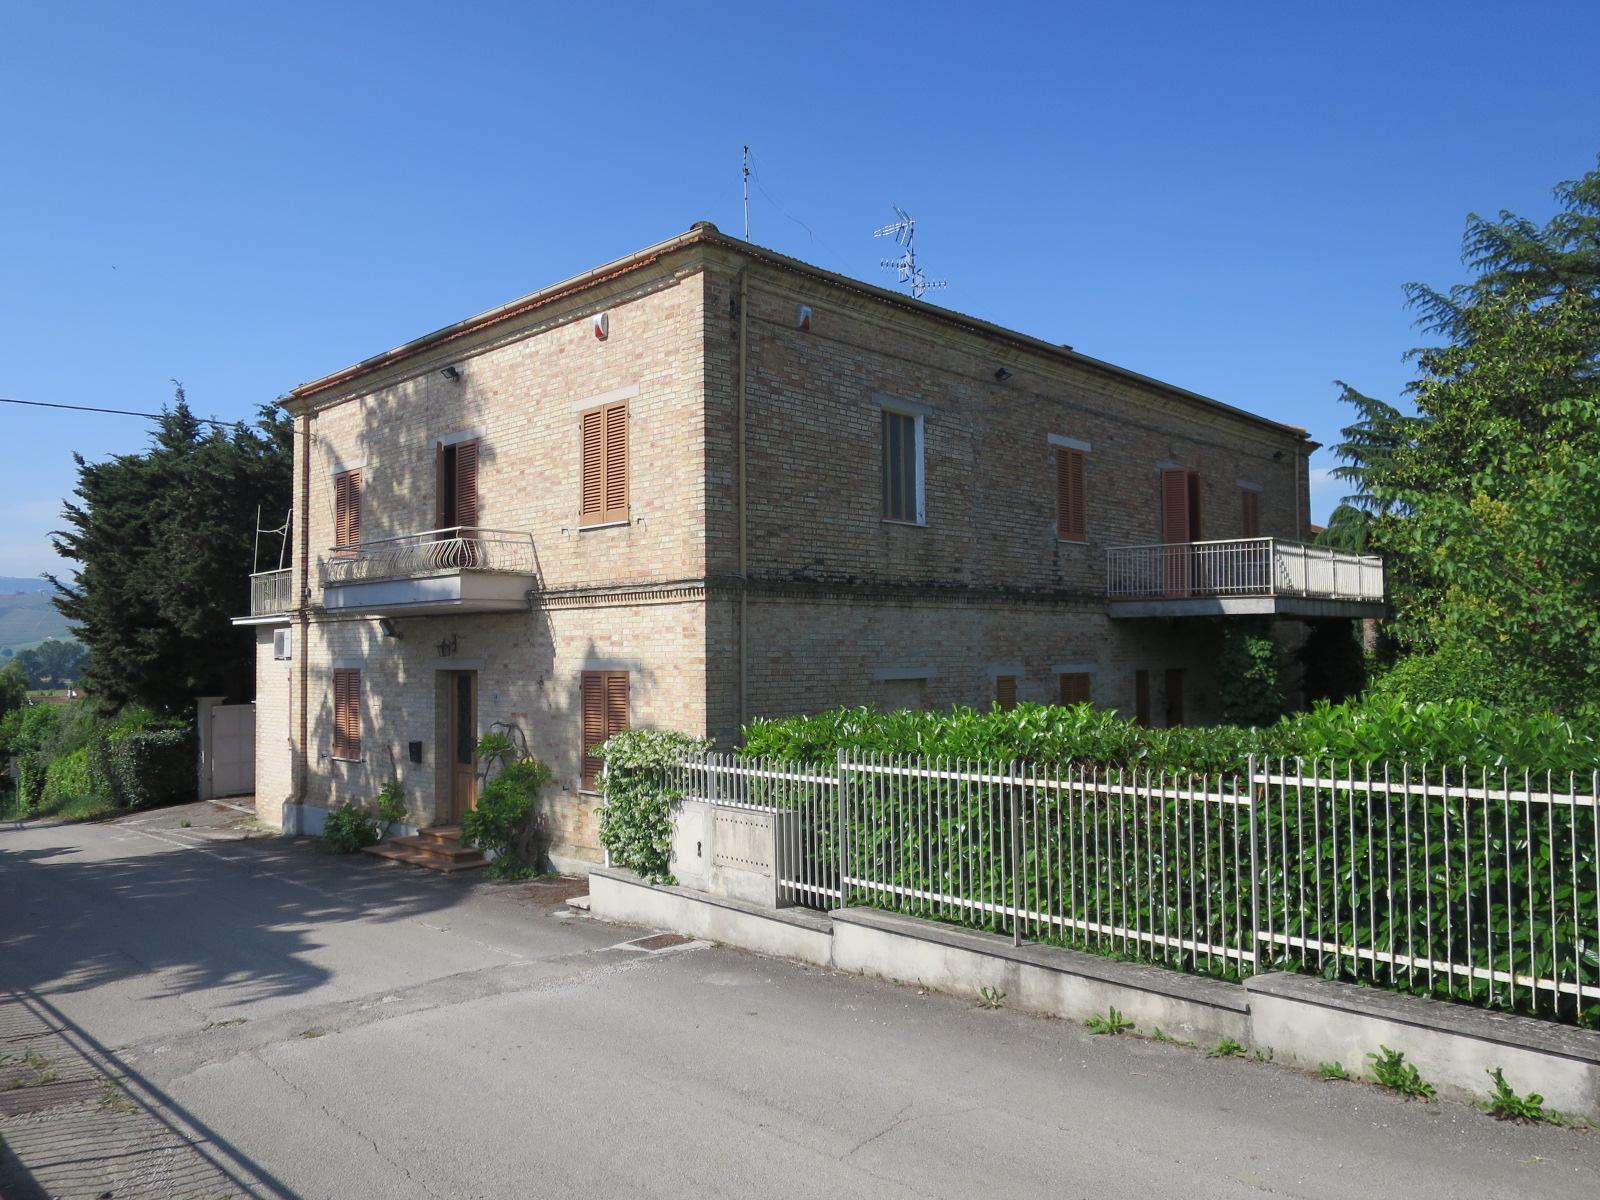 Villa Villa for sale Roseto degli Abruzzi (TE), Villa del Marinaio - Roseto degli Abruzzi - EUR 385.559 10